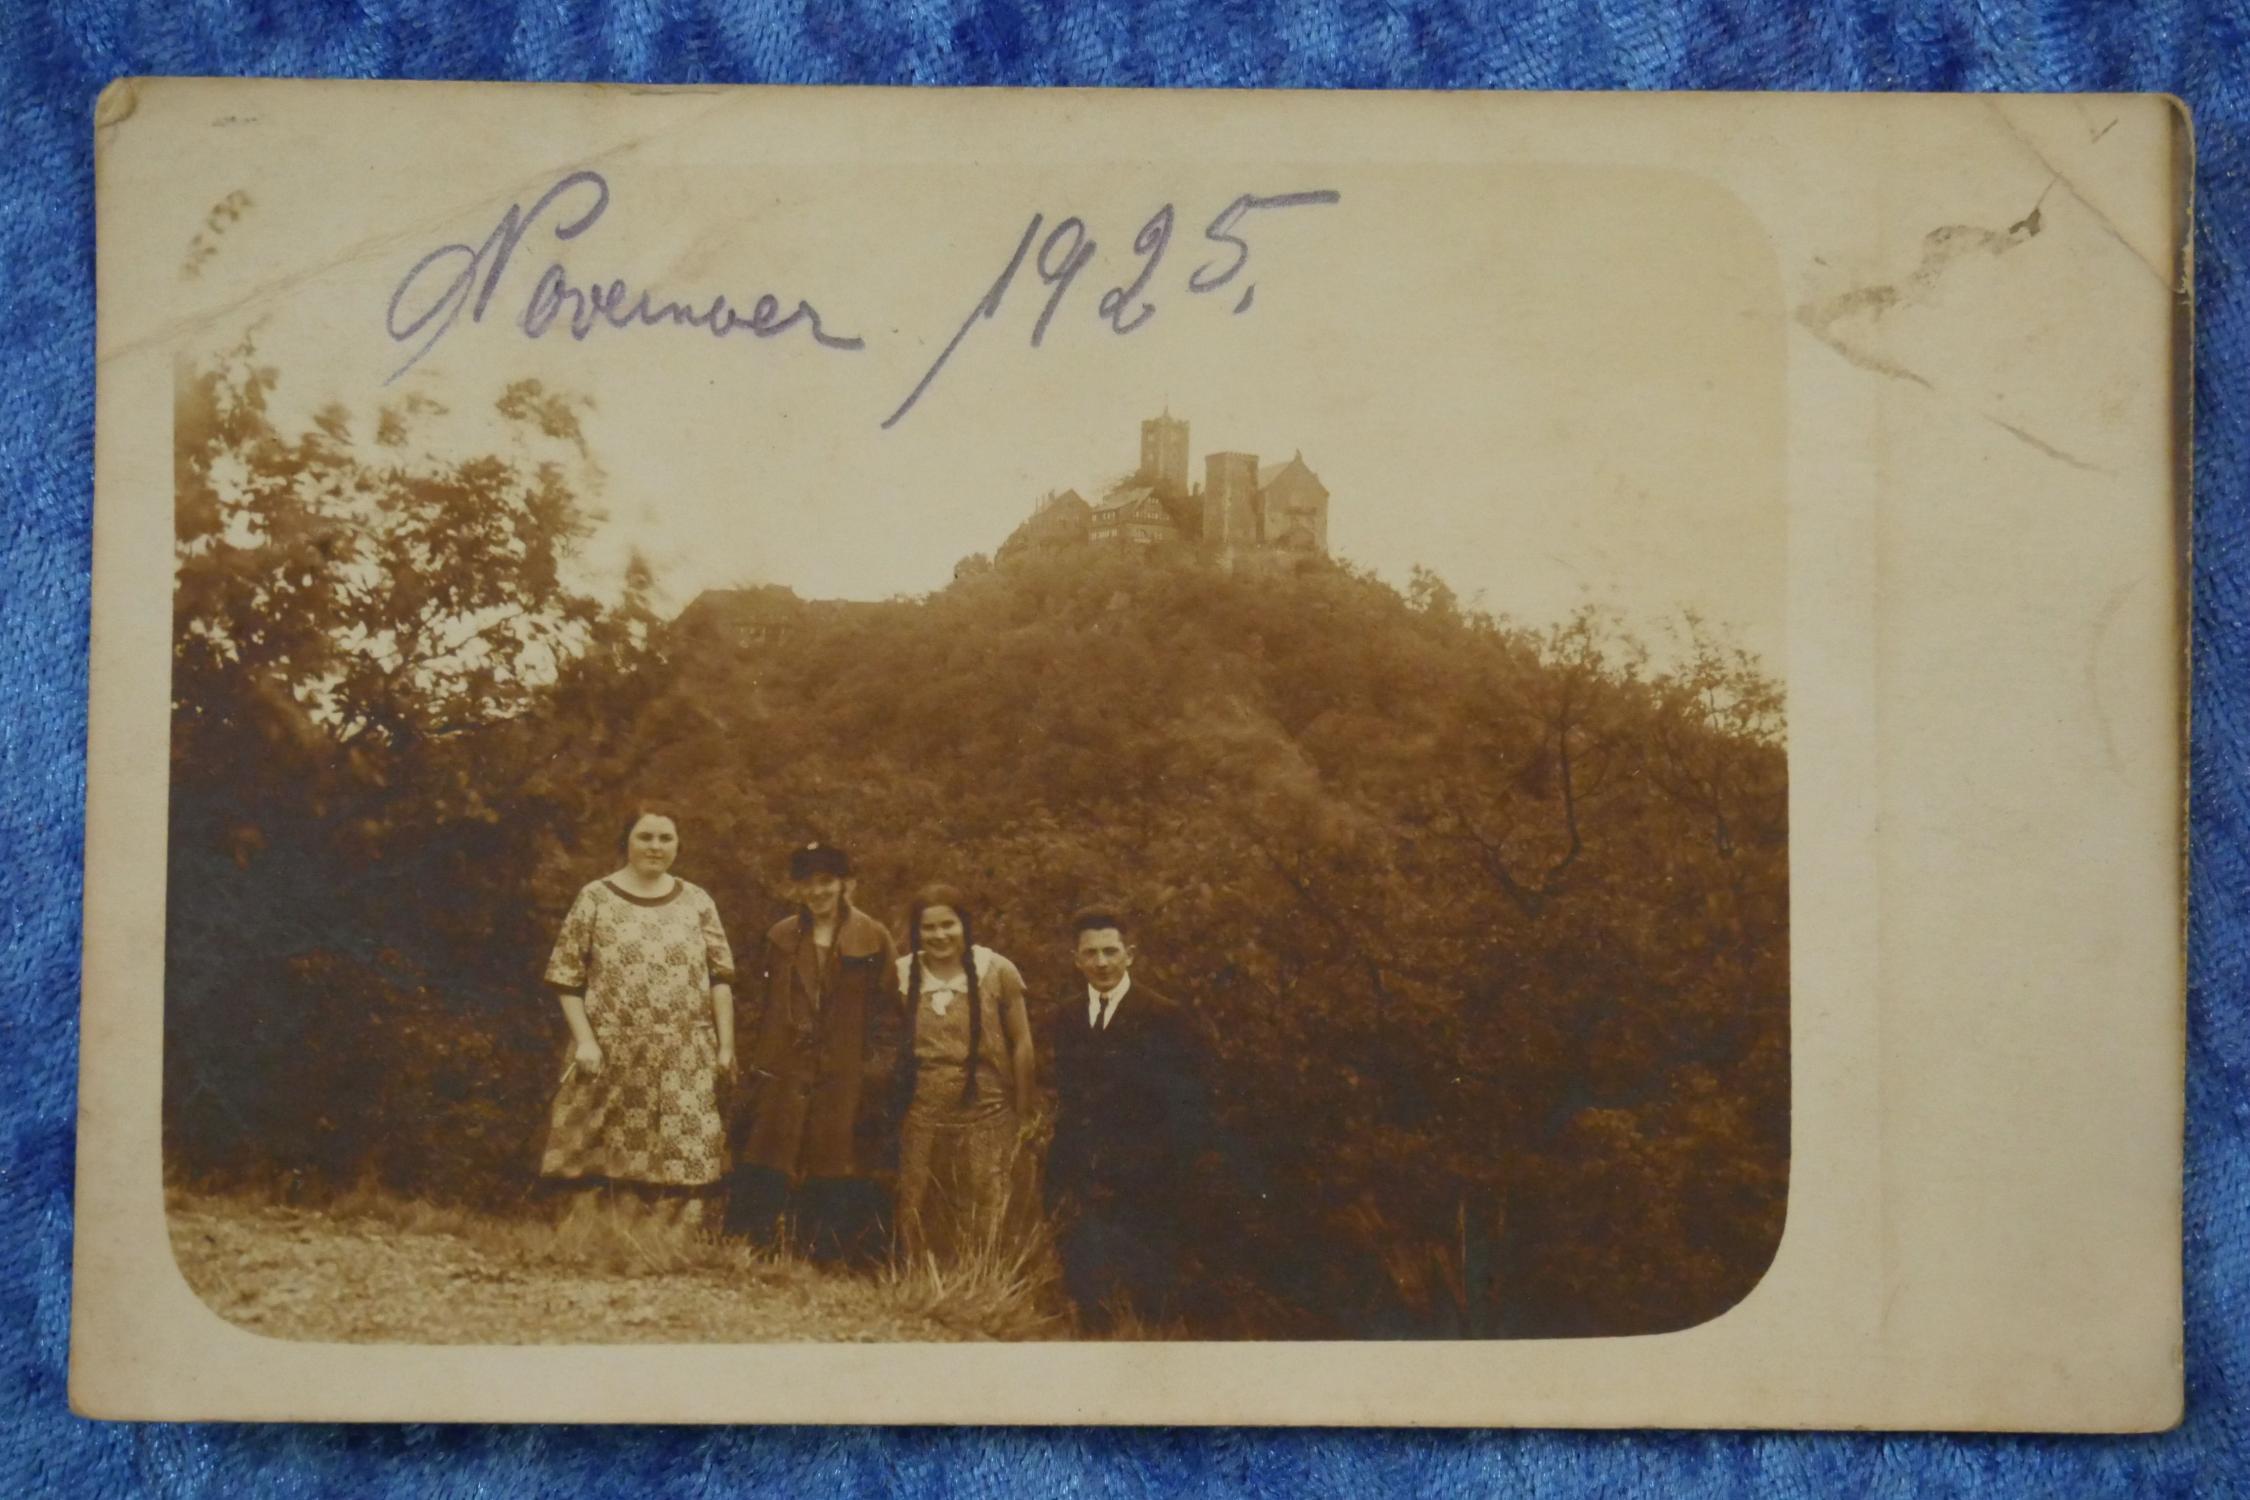 Schwarz-weiße Foto-Ansichtskarte, Wartburg, handschriftlich datiert November 1925,: Postkarte, schwarz-weiße Foto-Ansichtskarte